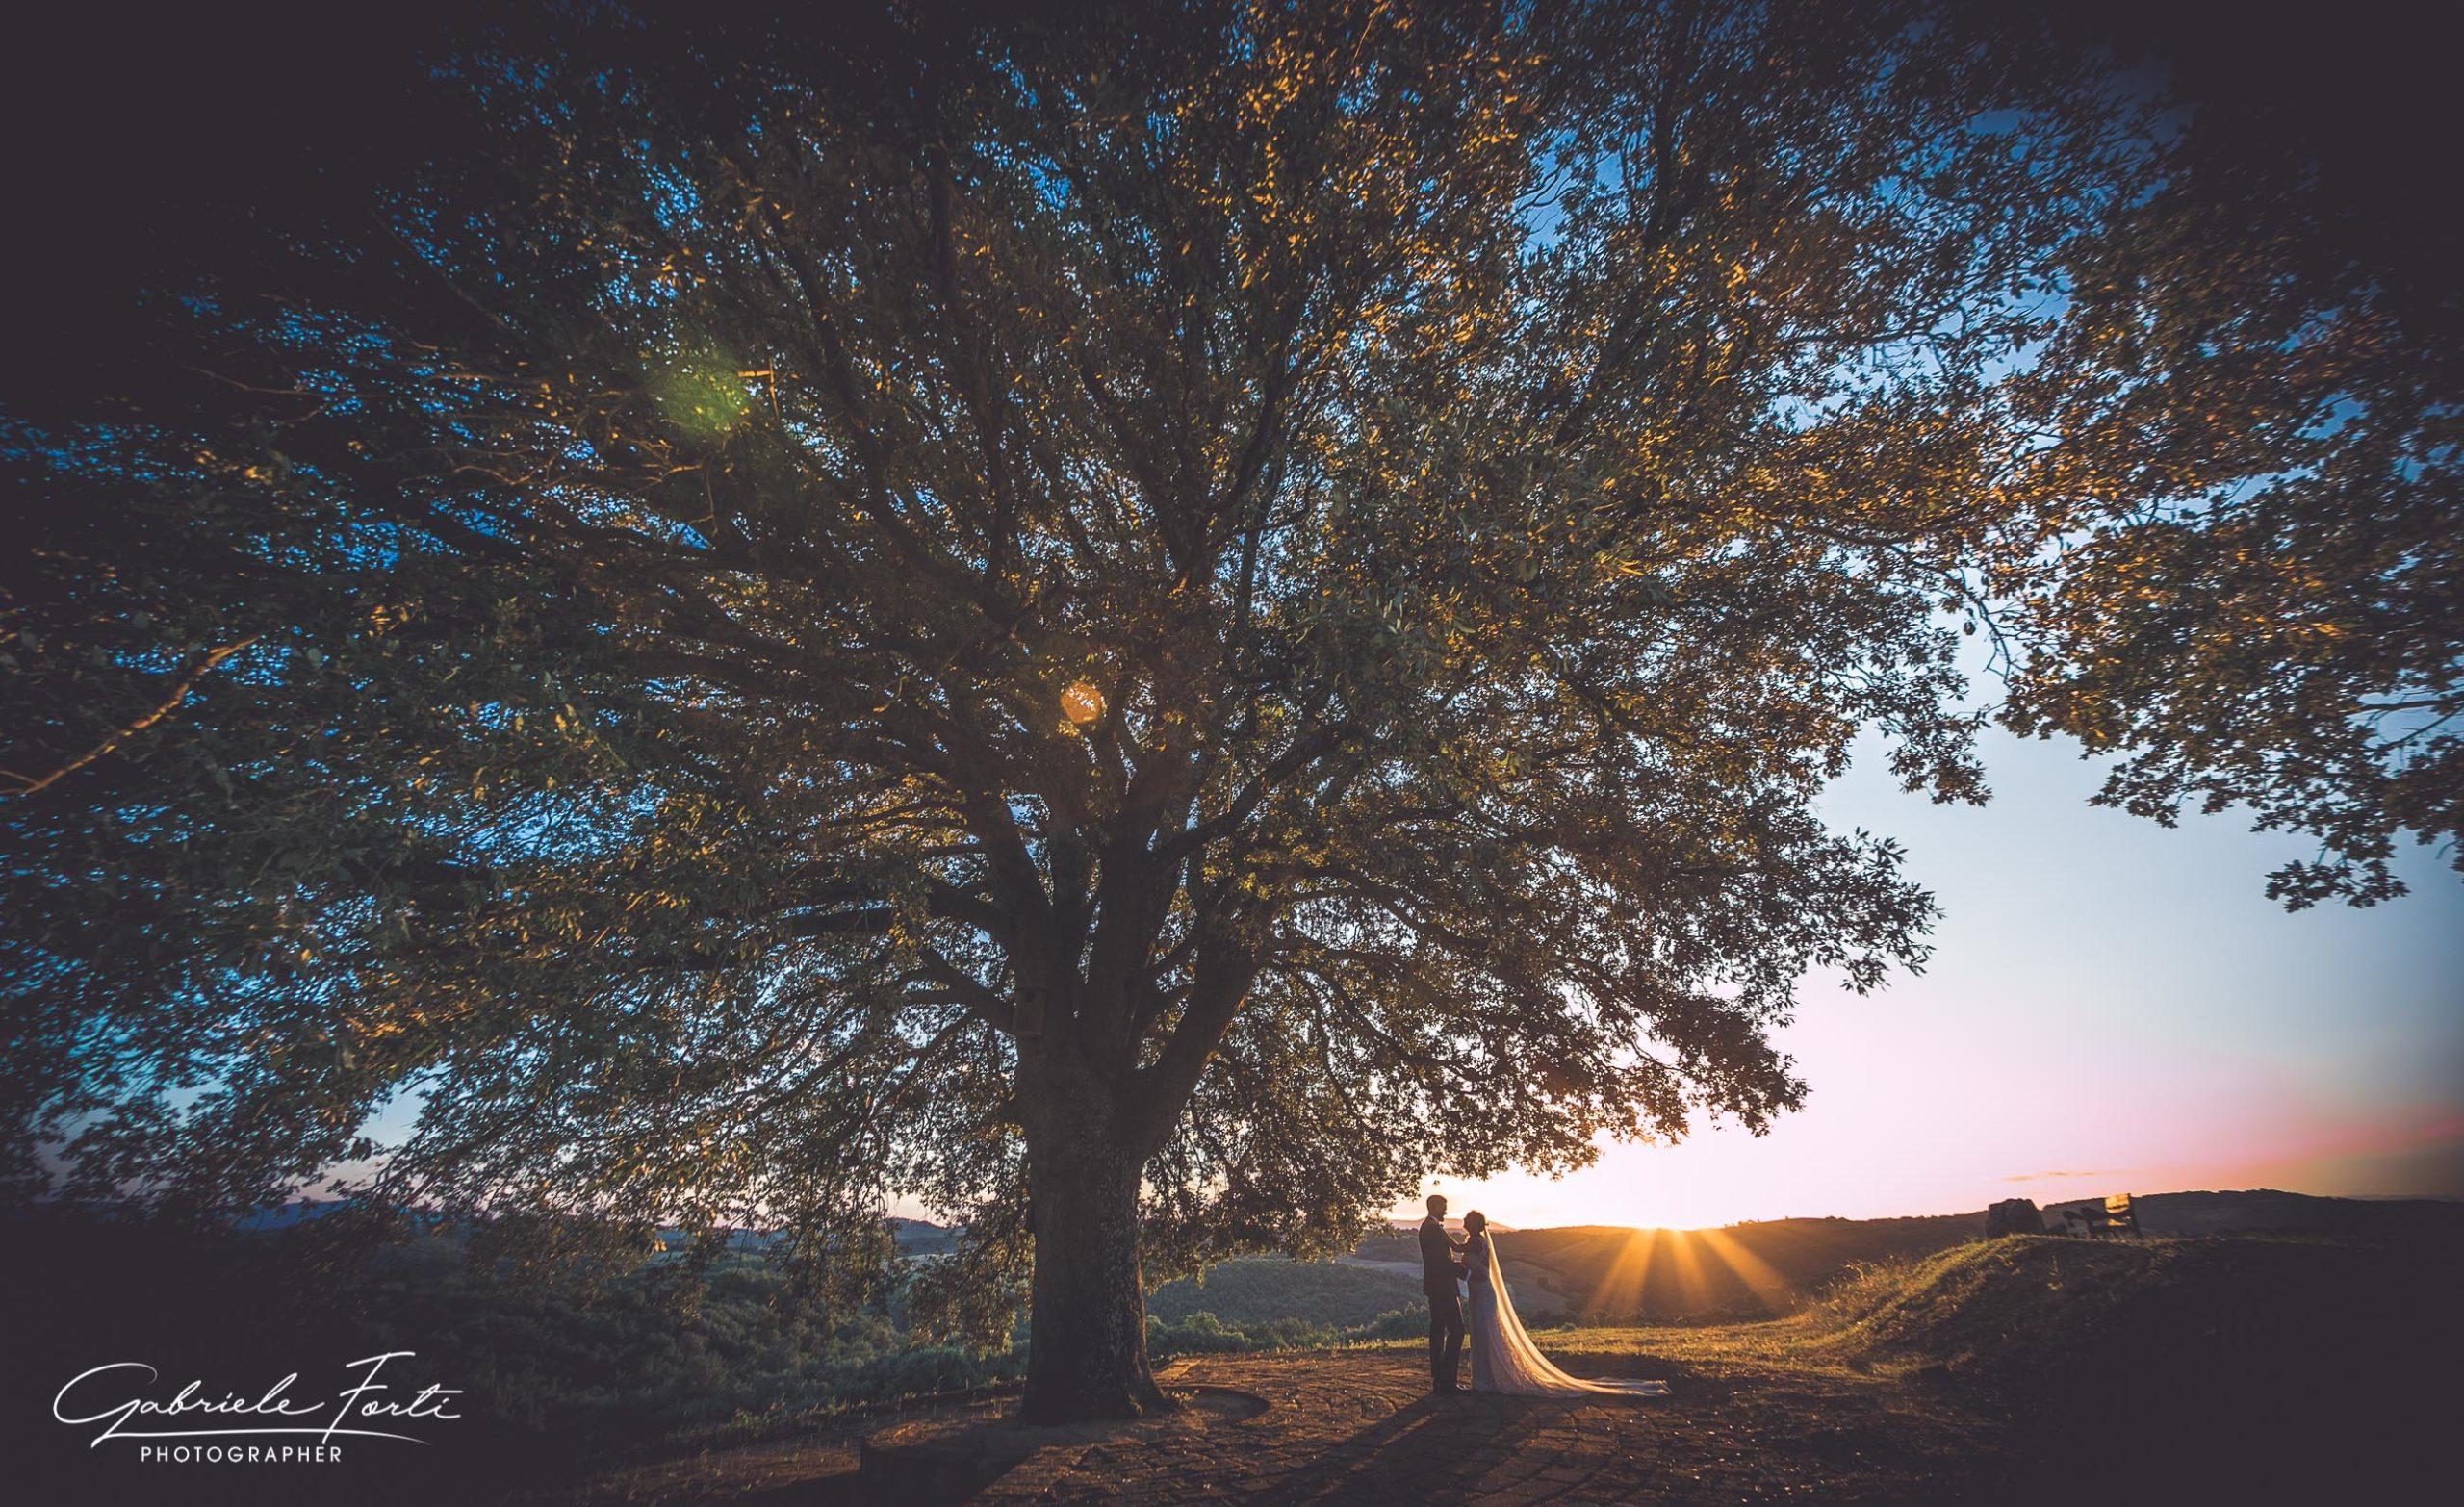 Wedding-tuscany-italy-siena-firenze-photographer-foto-forti-gabriele-8